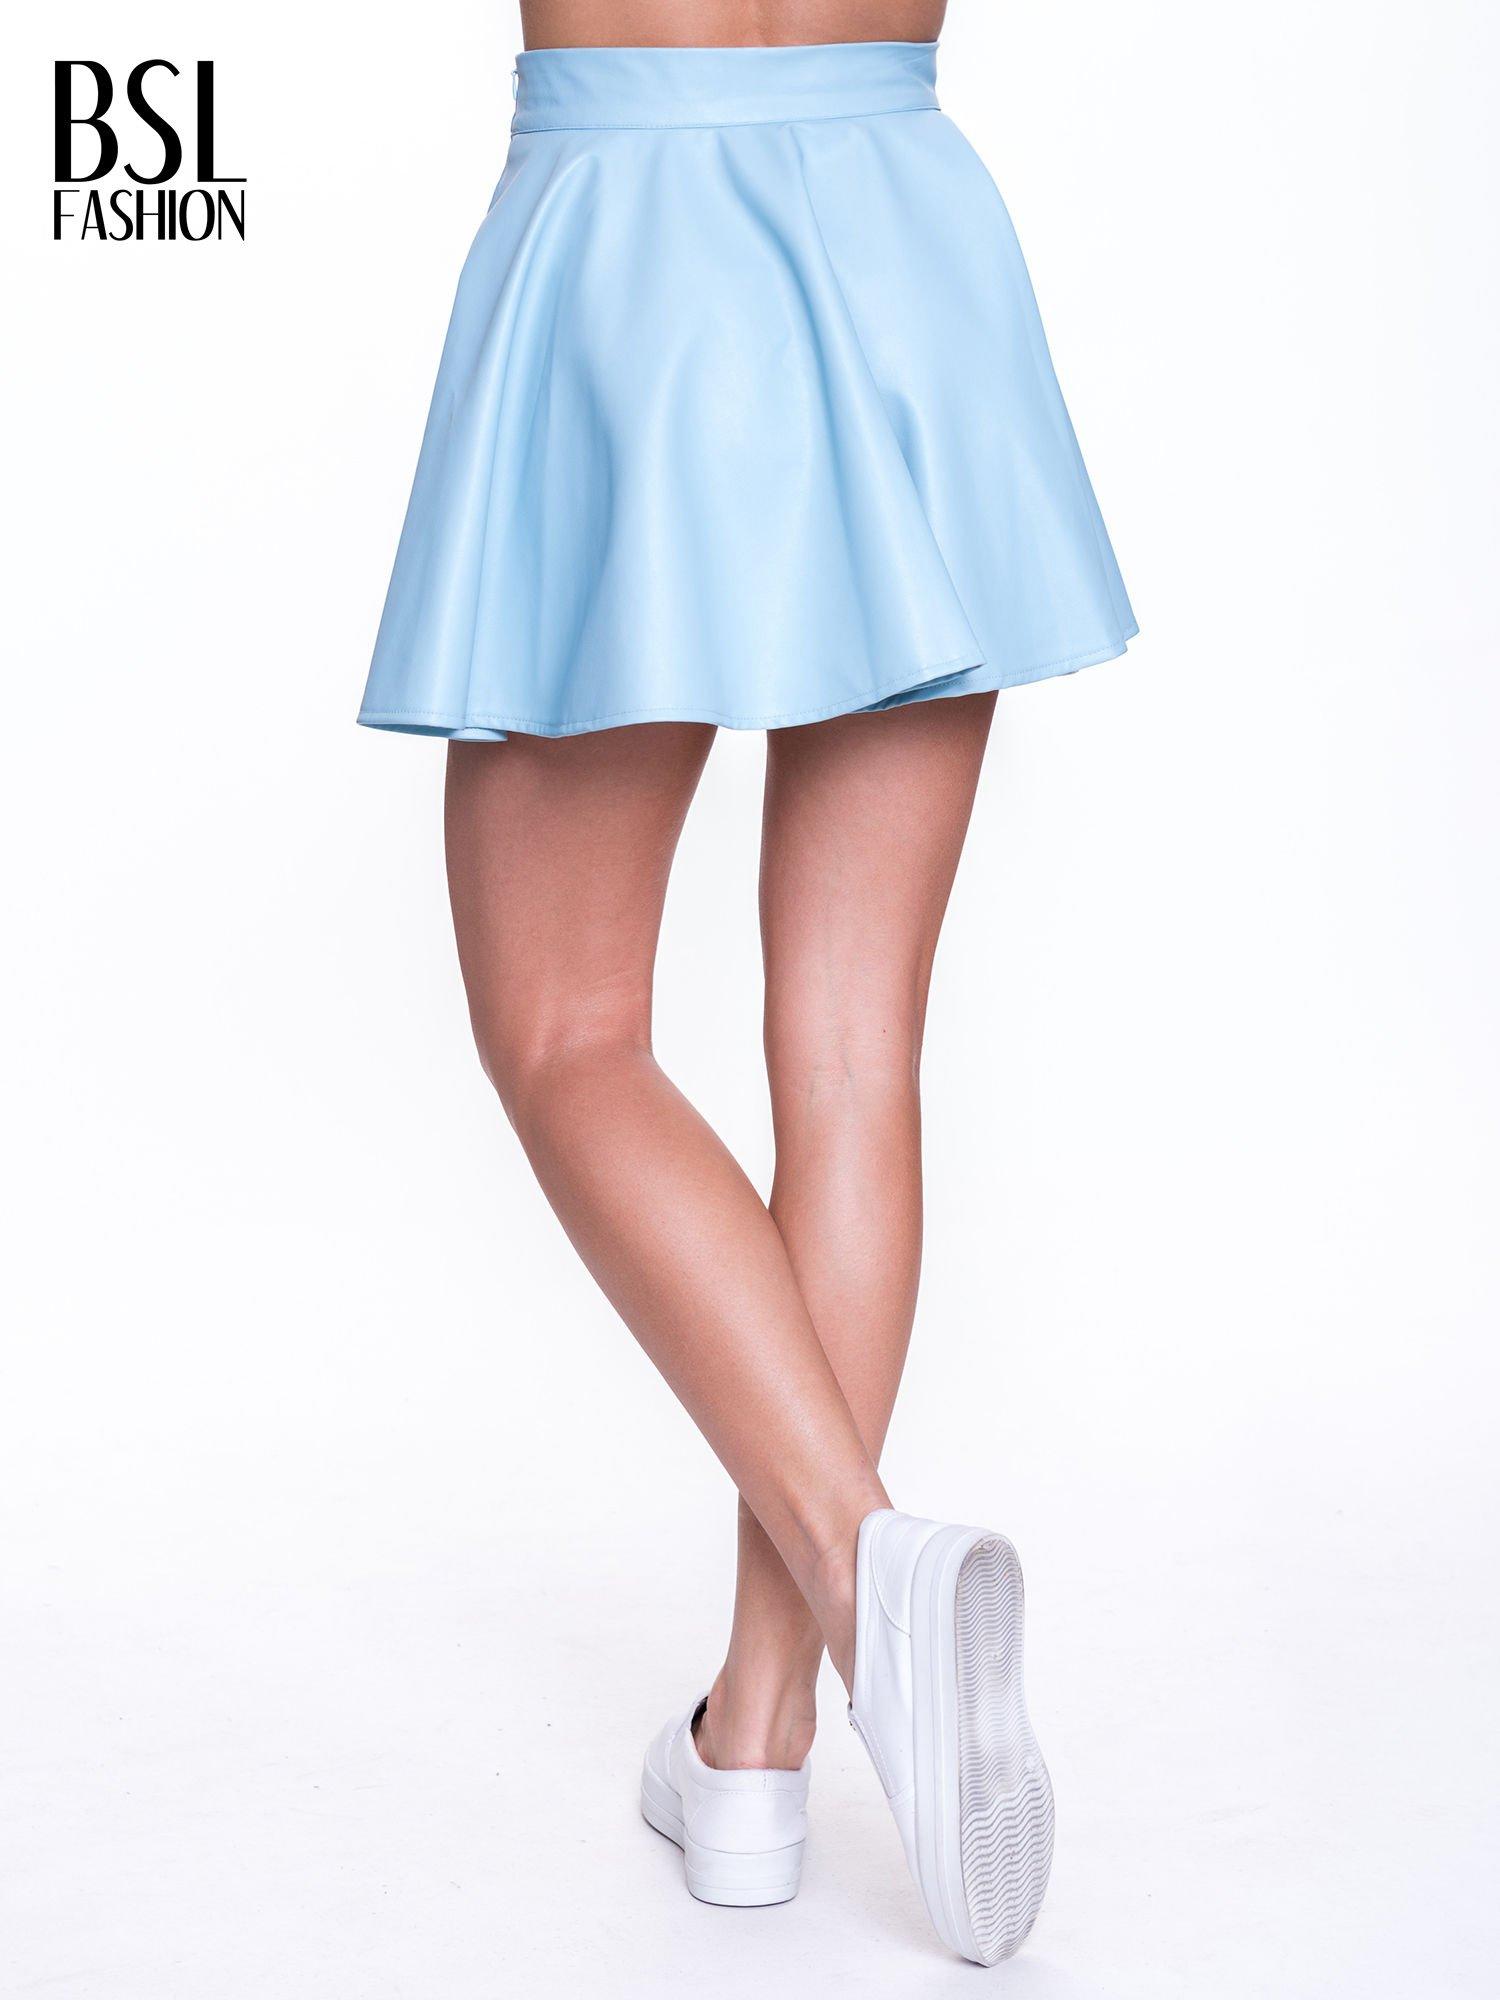 Błękitna mini spódnica skater ze skóry                                  zdj.                                  3